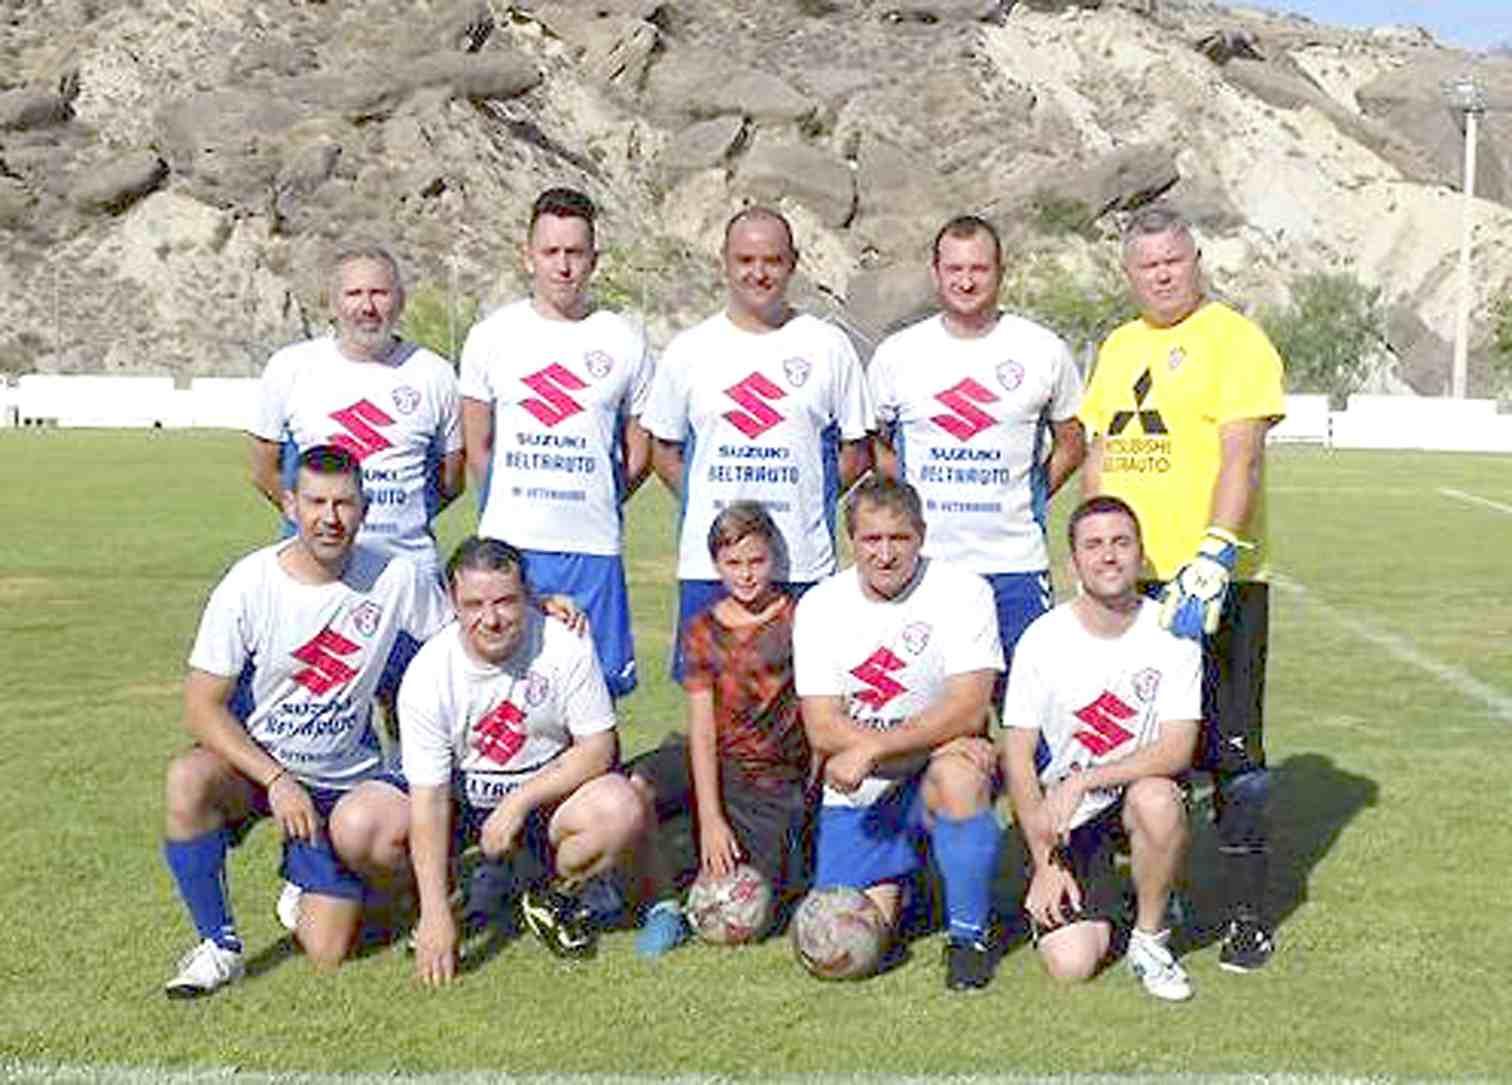 Els equips de veterans d'Ibi, Partaloa, Olula del Río i Macael participen en el cinqué Memorial de Futbol 7 'Eugenio Reche Bernabé'